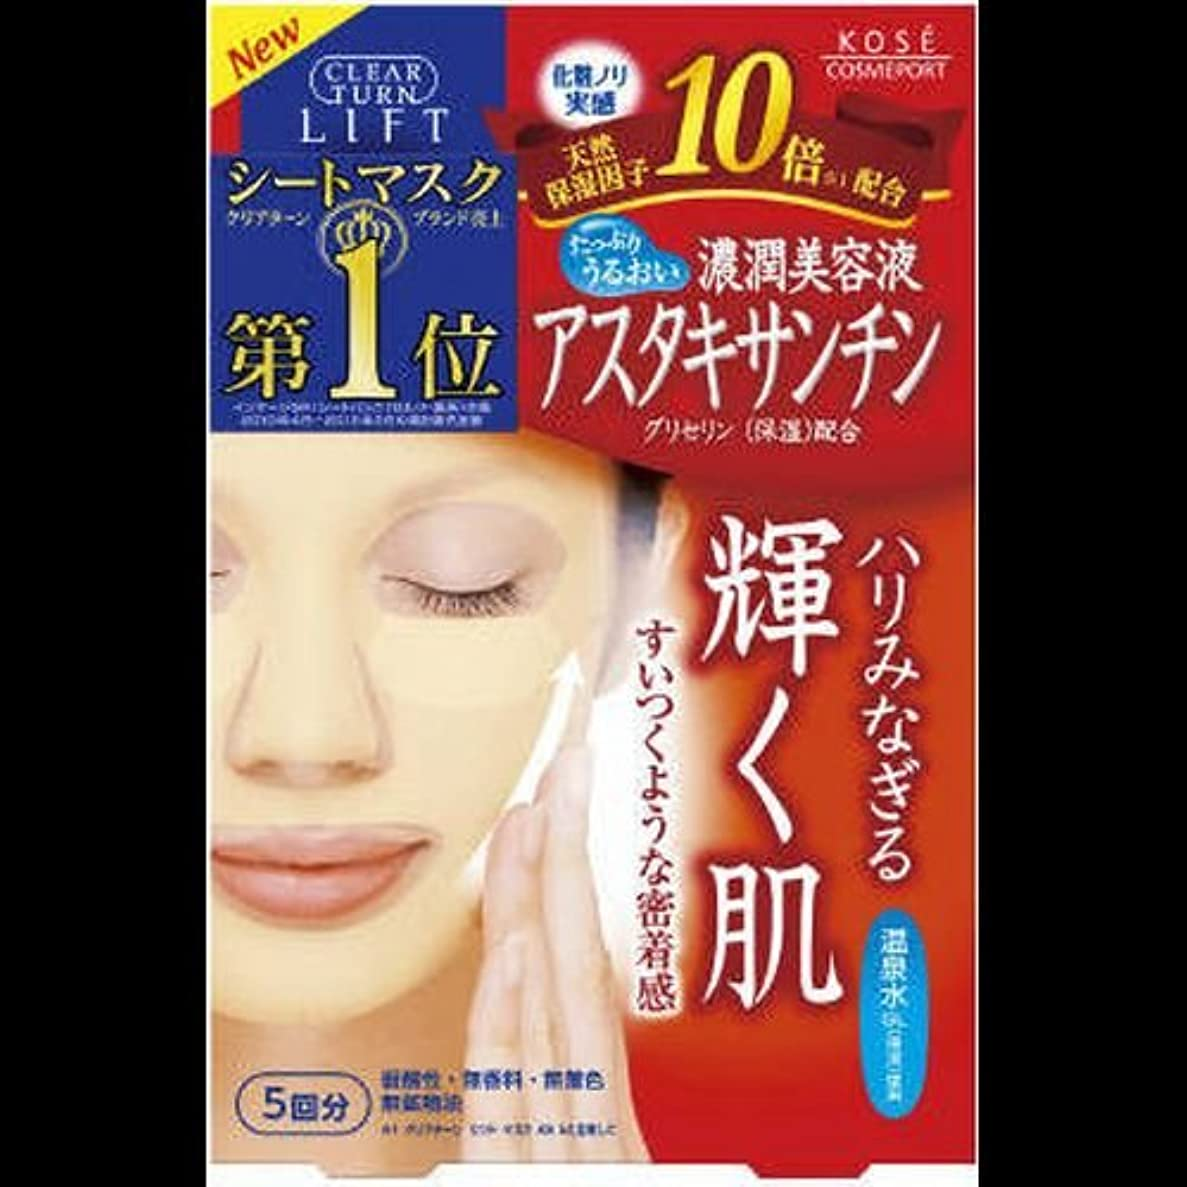 悪性の場所バックアップクリアターン リフト マスク AS c (アスタキサンチン) 5回分 ×2セット